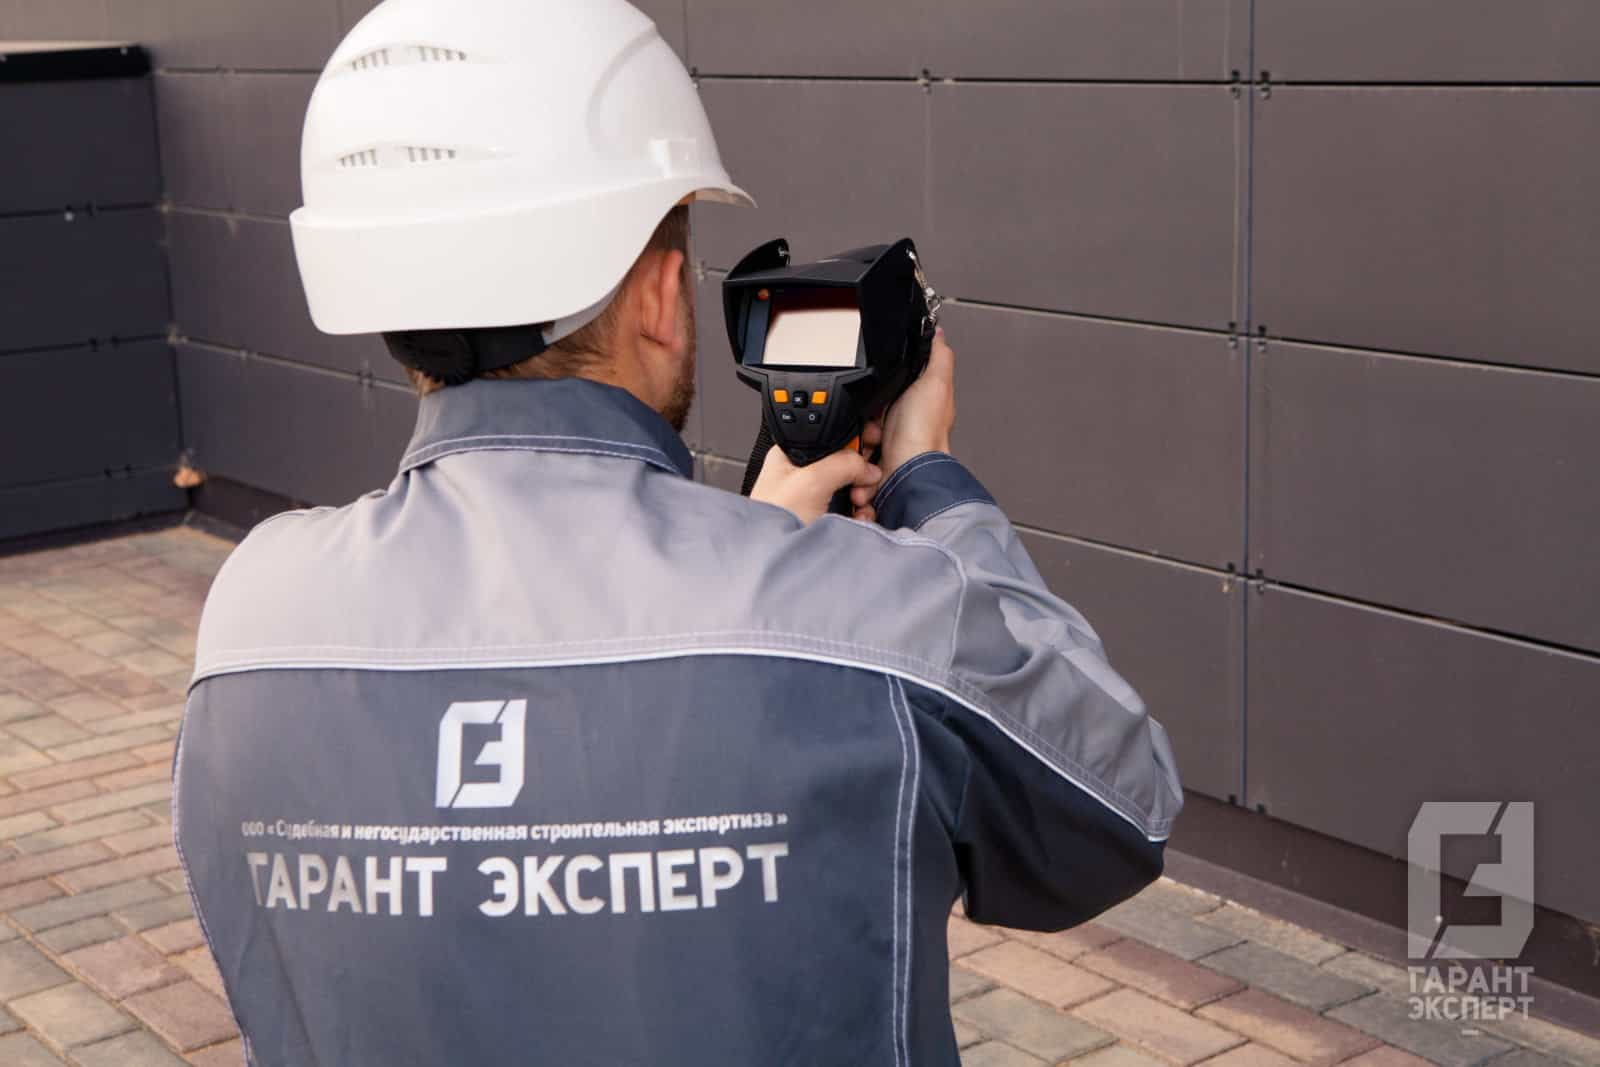 Сотрудник Гарант Эксперт проводит энергоадит здания